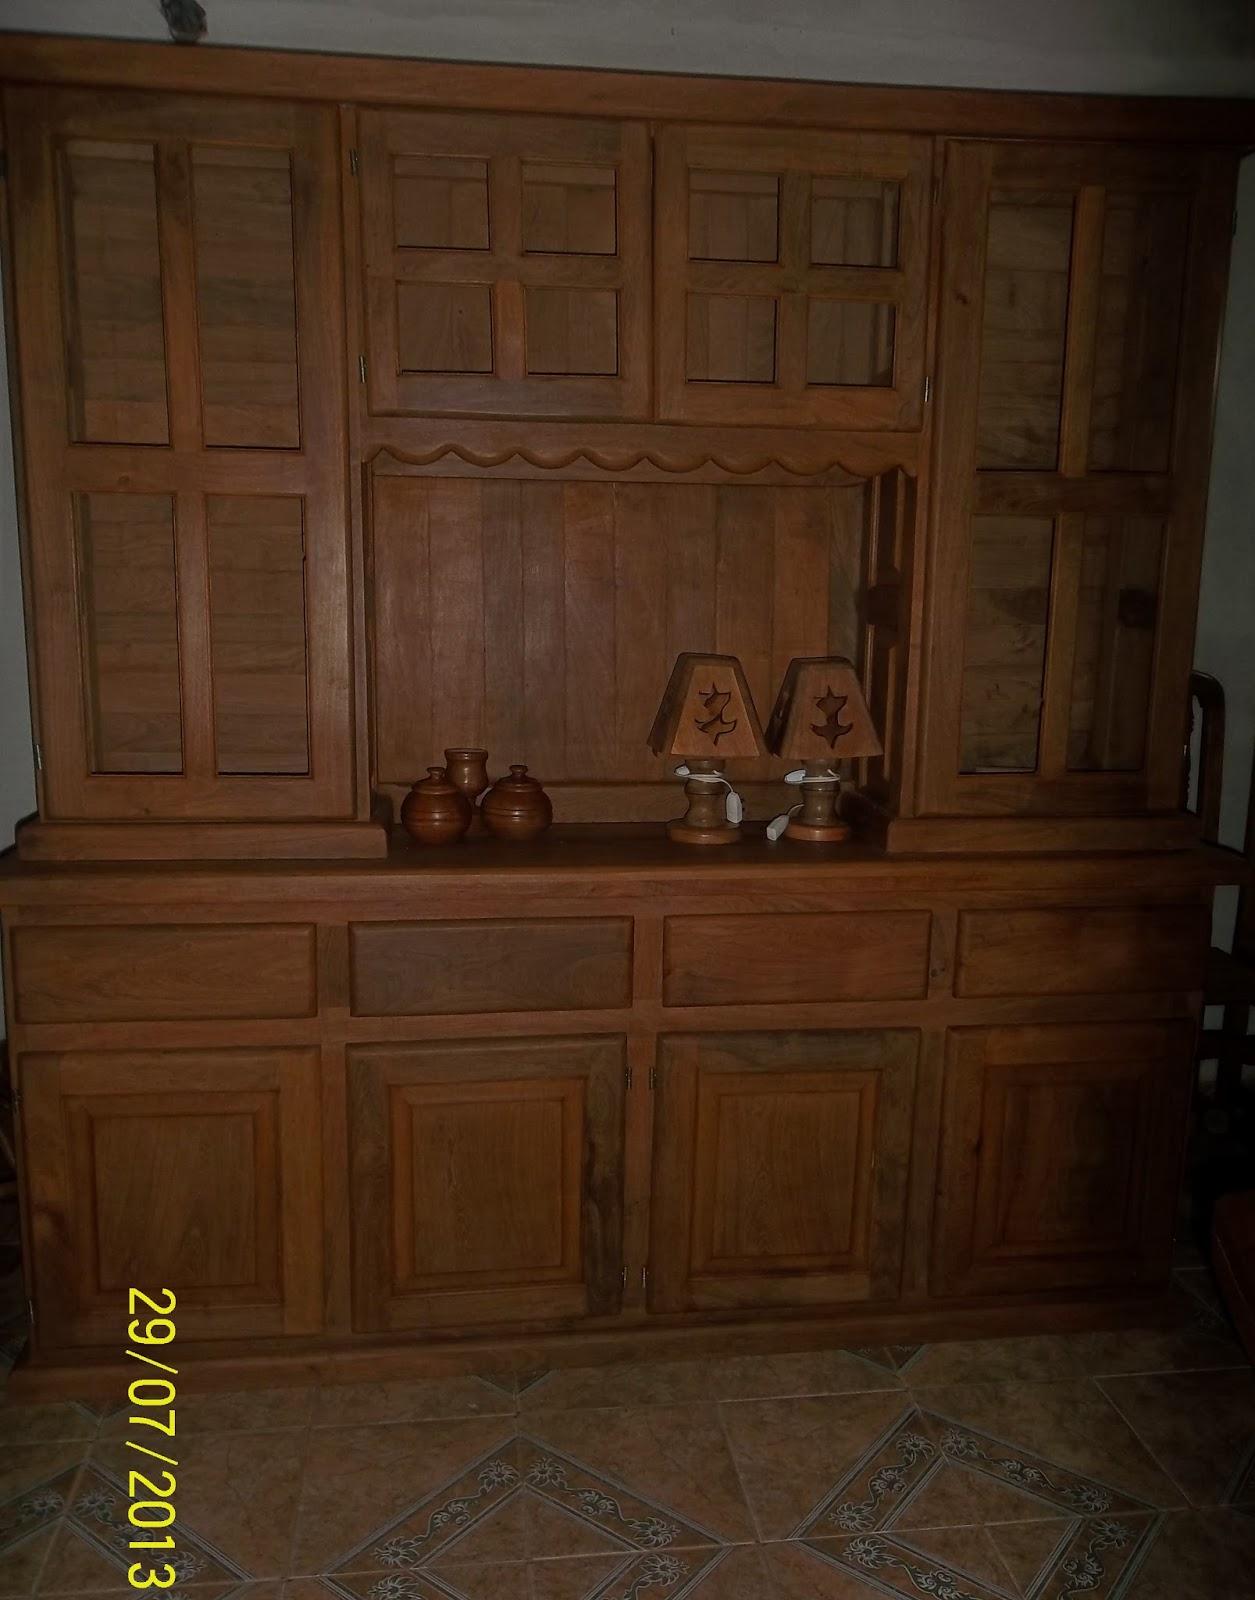 fotos algarrobo muebles Doomos Argentina - fotos muebles cocina algarrobo